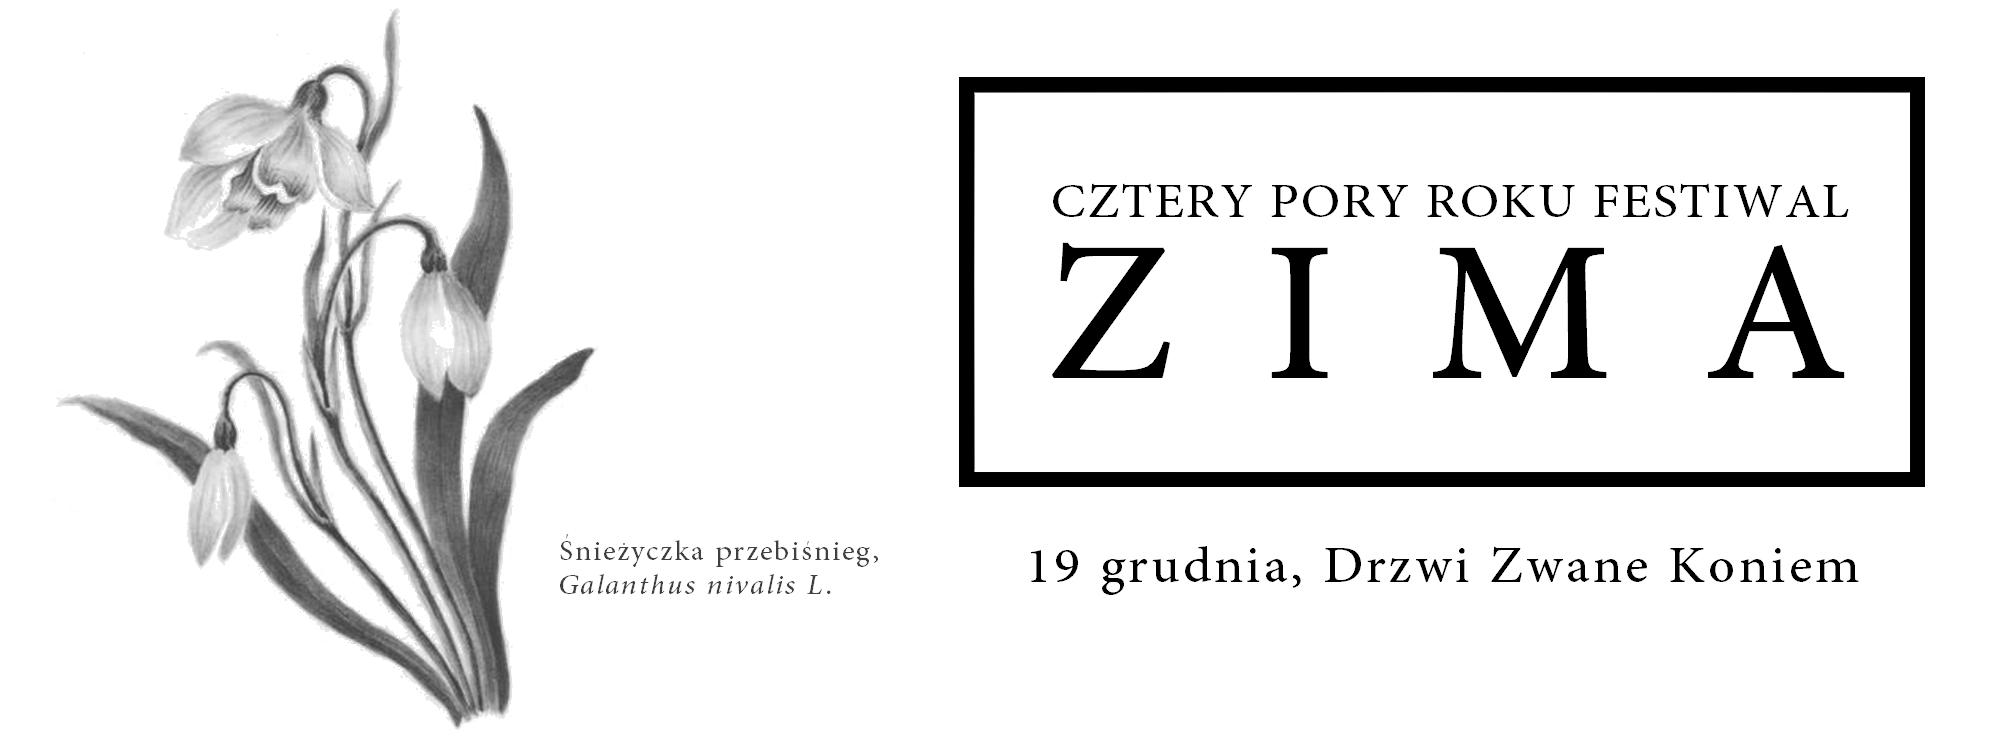 Cztery Pory Roku Festiwal: ZIMA 2015